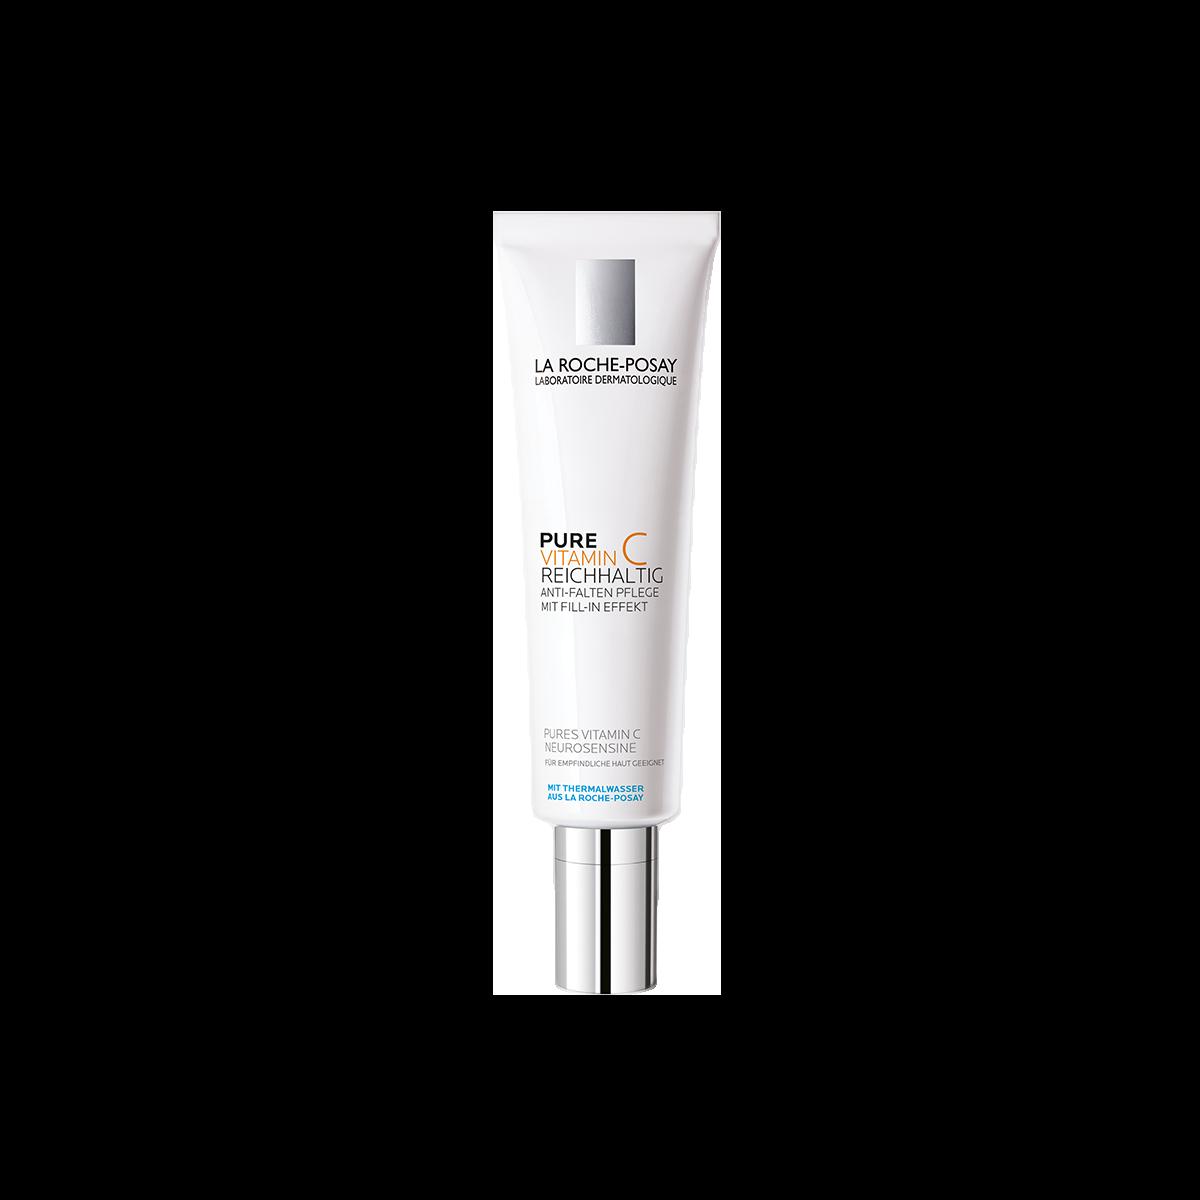 La Roche Posay ProductPage Pure_Vitamin_C_Reichhaltig